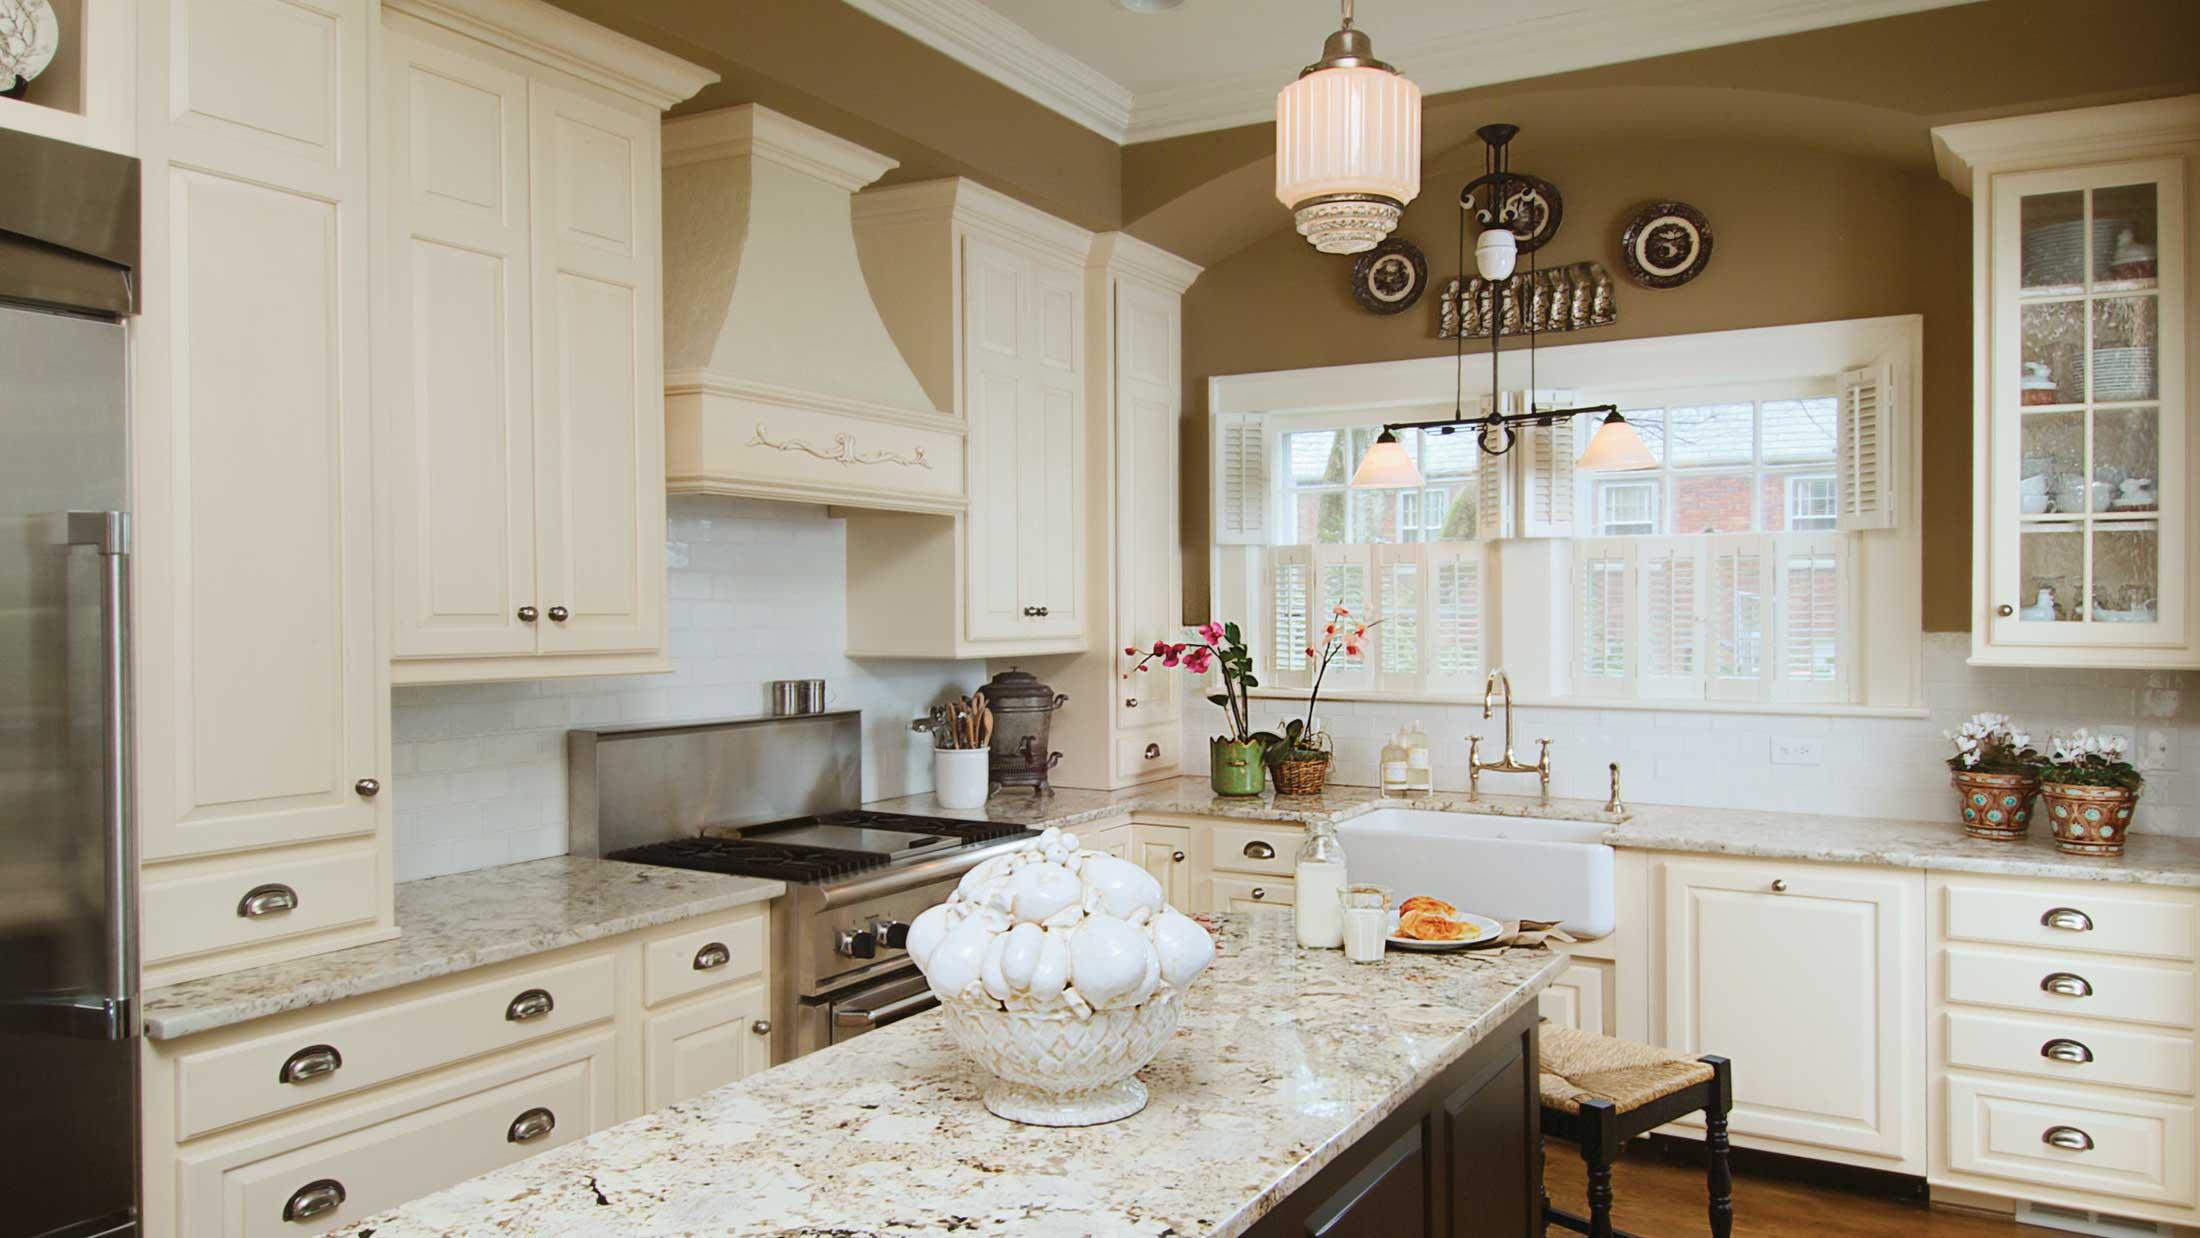 Archived Articles - The Kitchen Studio - Greensboro, North Carolina